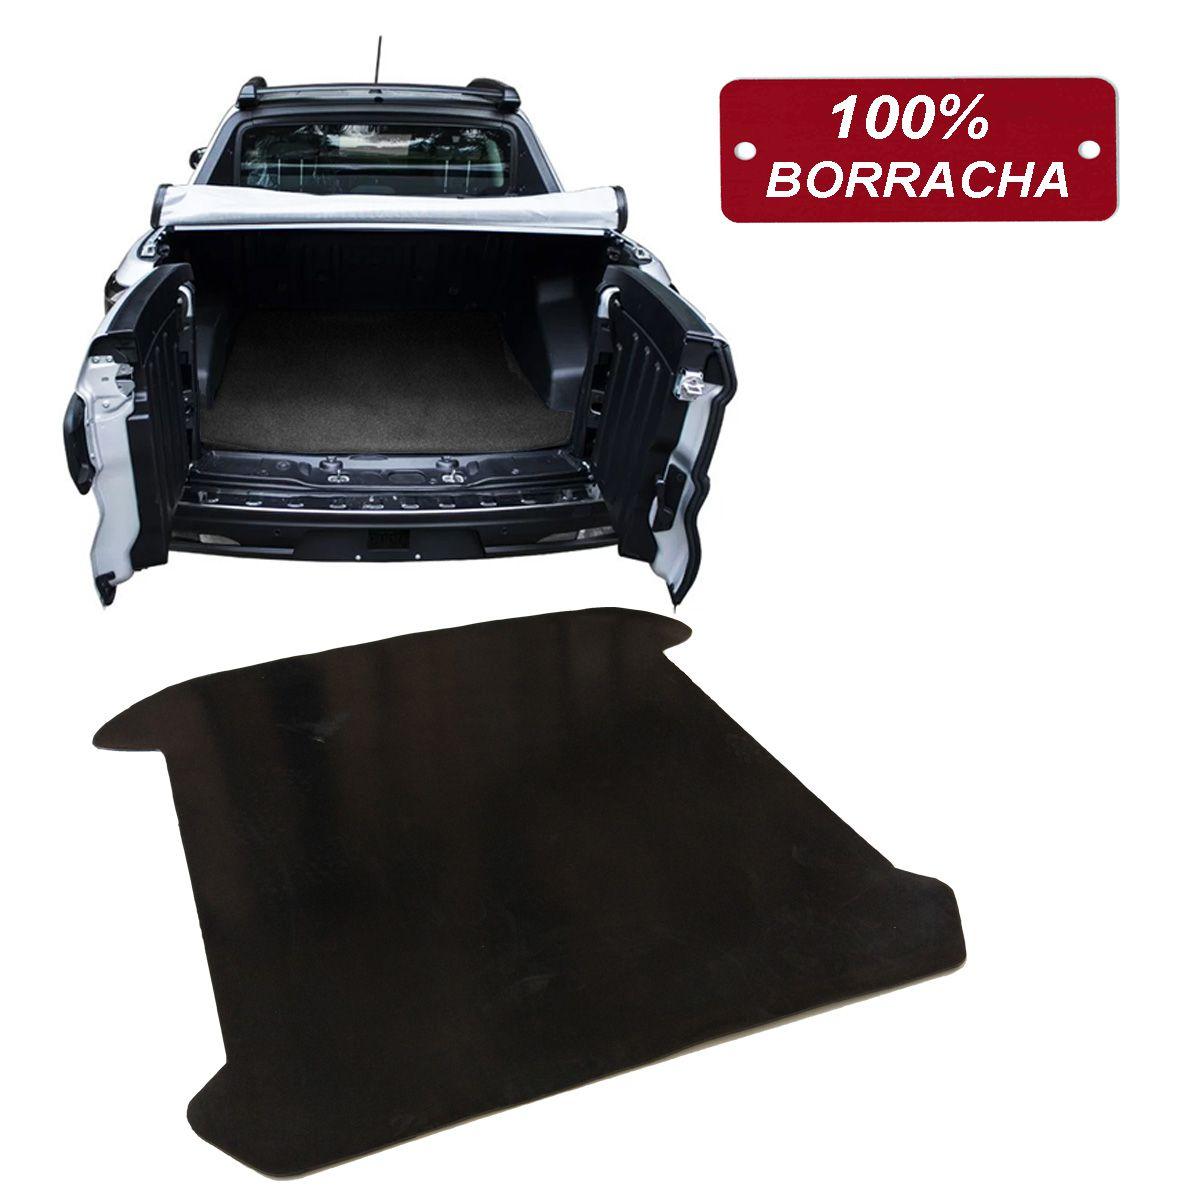 Tapete de Borracha para Caçamba Fiat Toro 2017 2018 2019